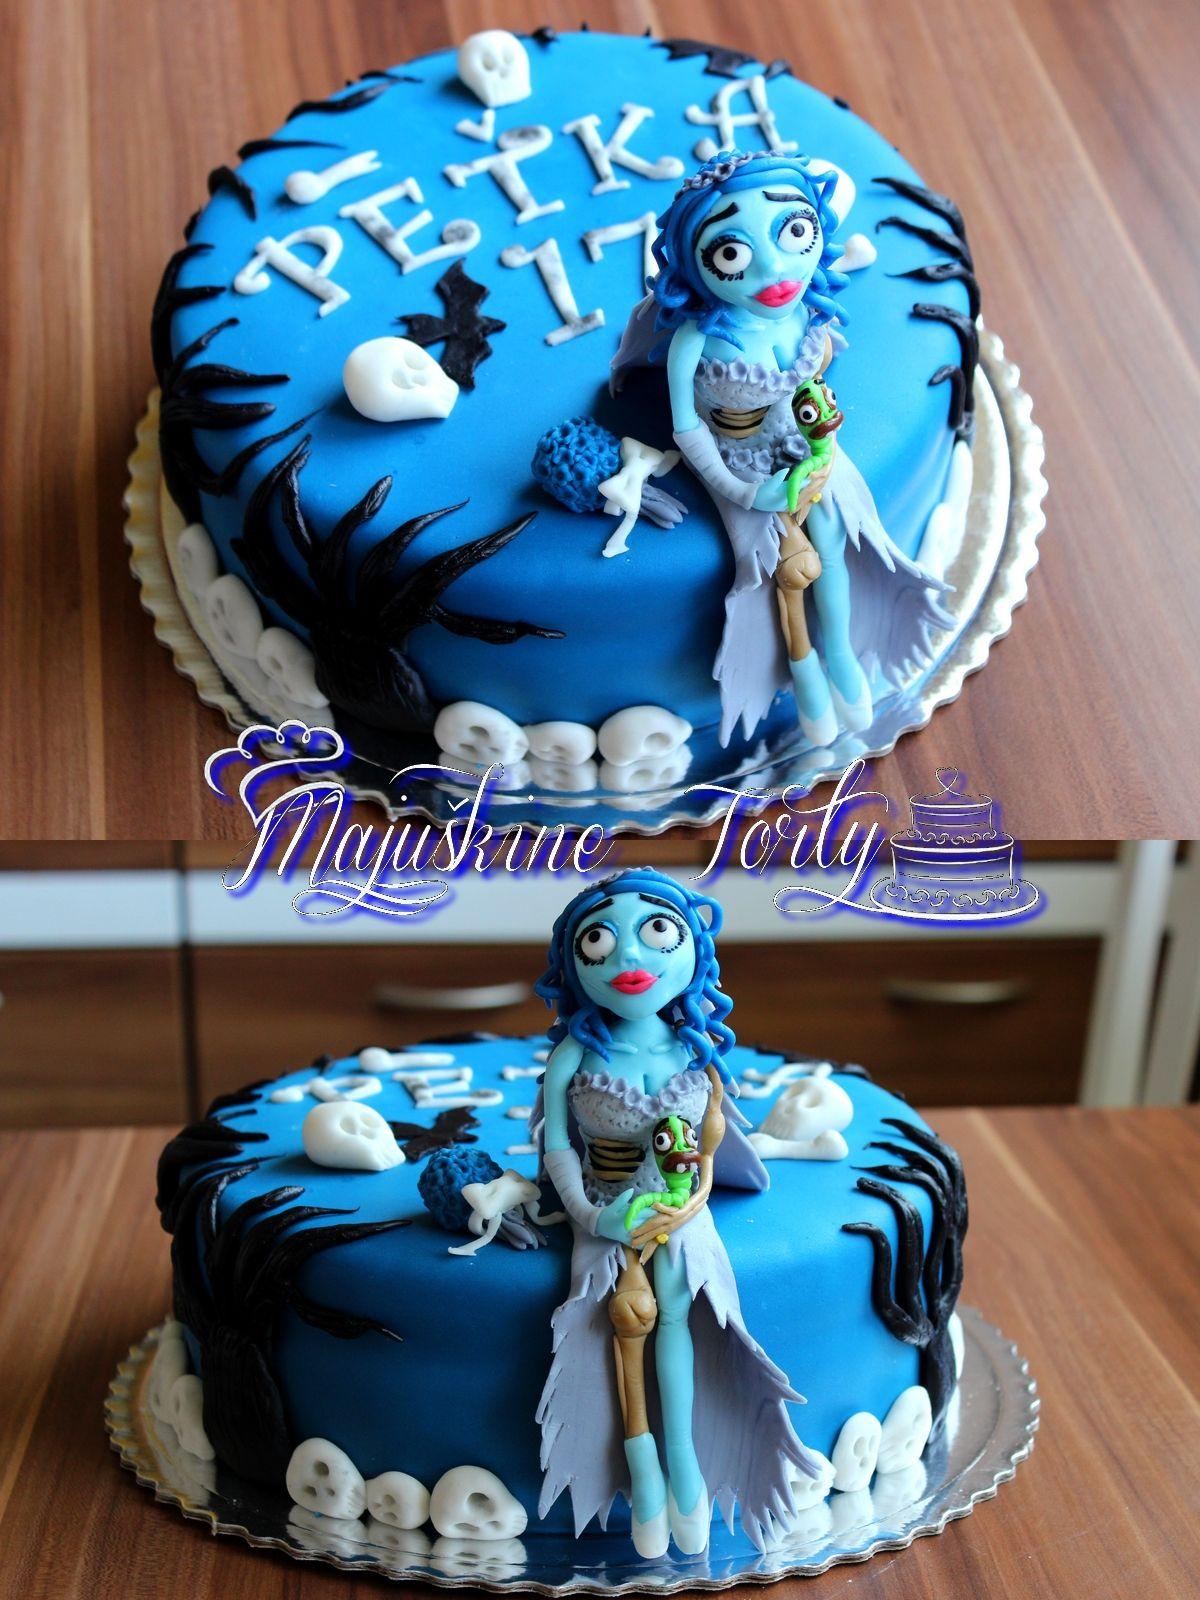 The Corpse Bride cake Birthday cake Tim Burton The Corpse